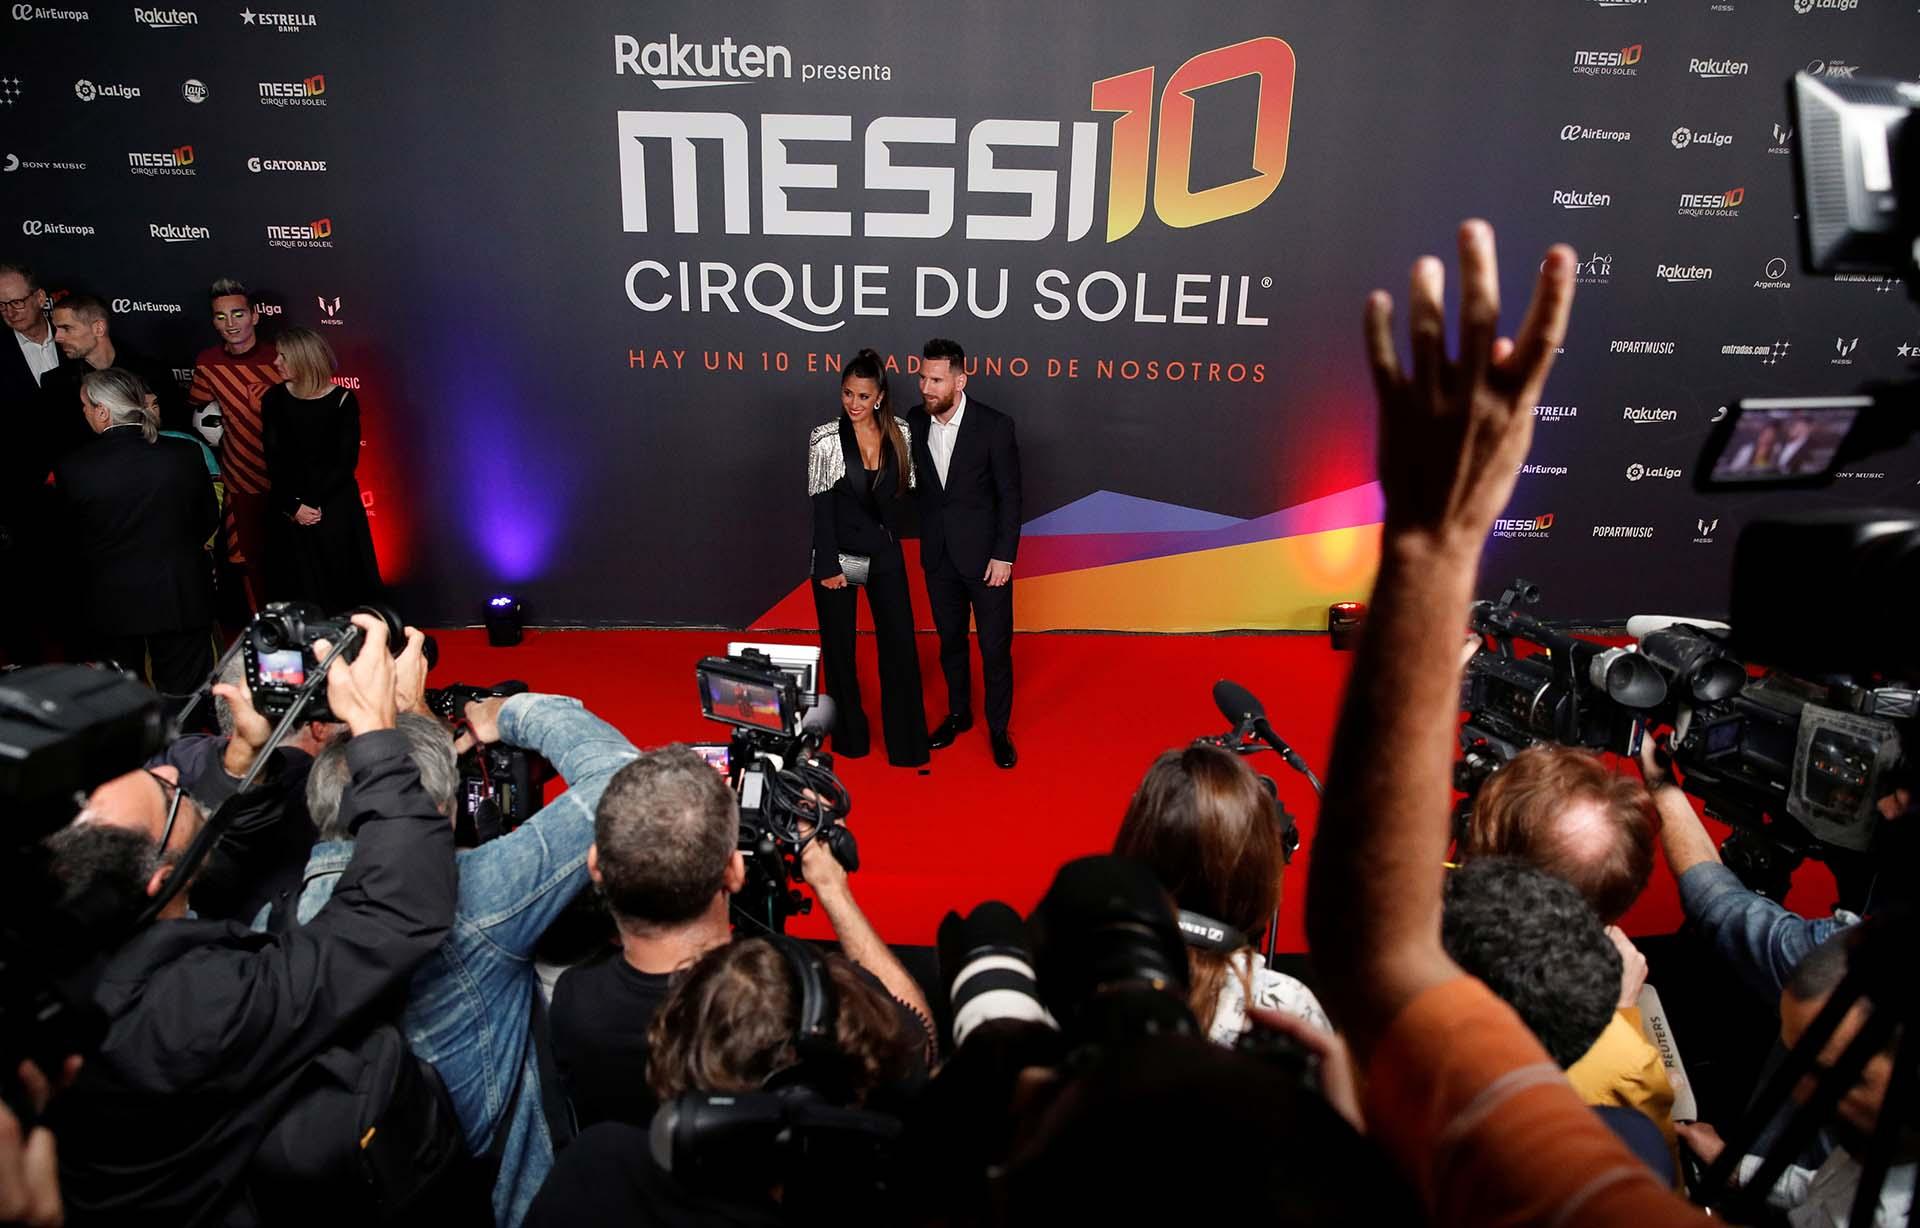 Lionel Messi y Antonela Roccuzzo se lucieron en la premiere del nuevo show del Cirque du Soleil, inspirada en la vida del crack argentino, en Barcelona (Reuters / Albert Gea)